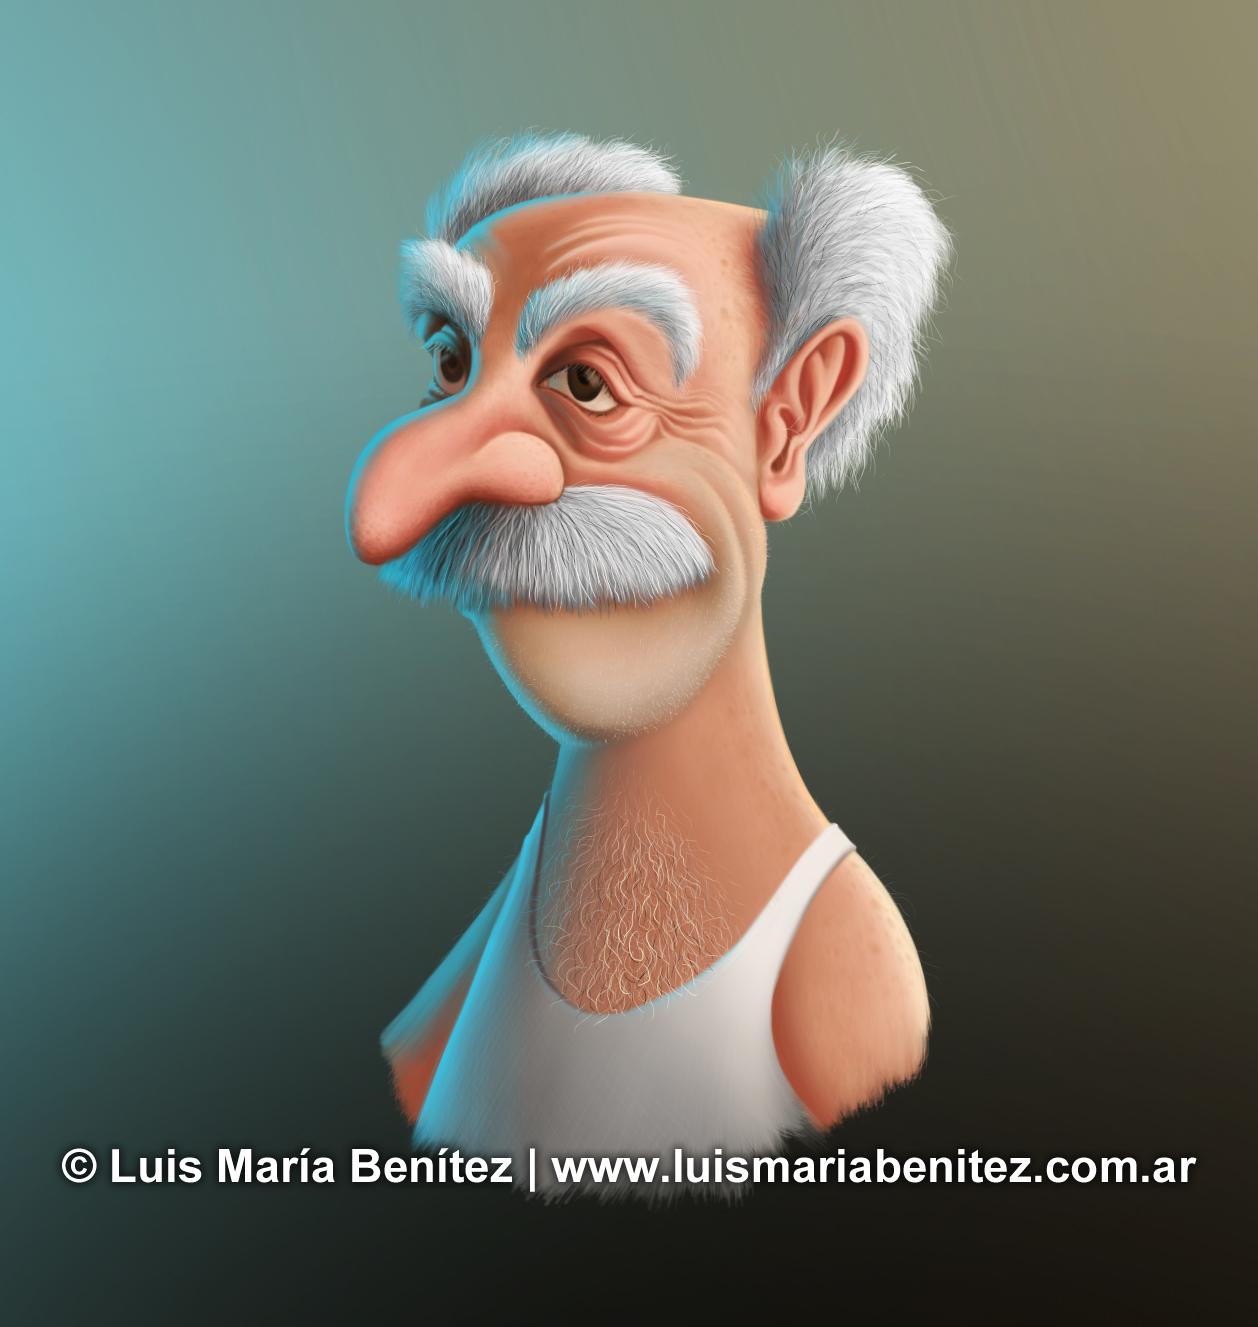 Old man illustration / Ilustración de un viejo © Luis María Benítez